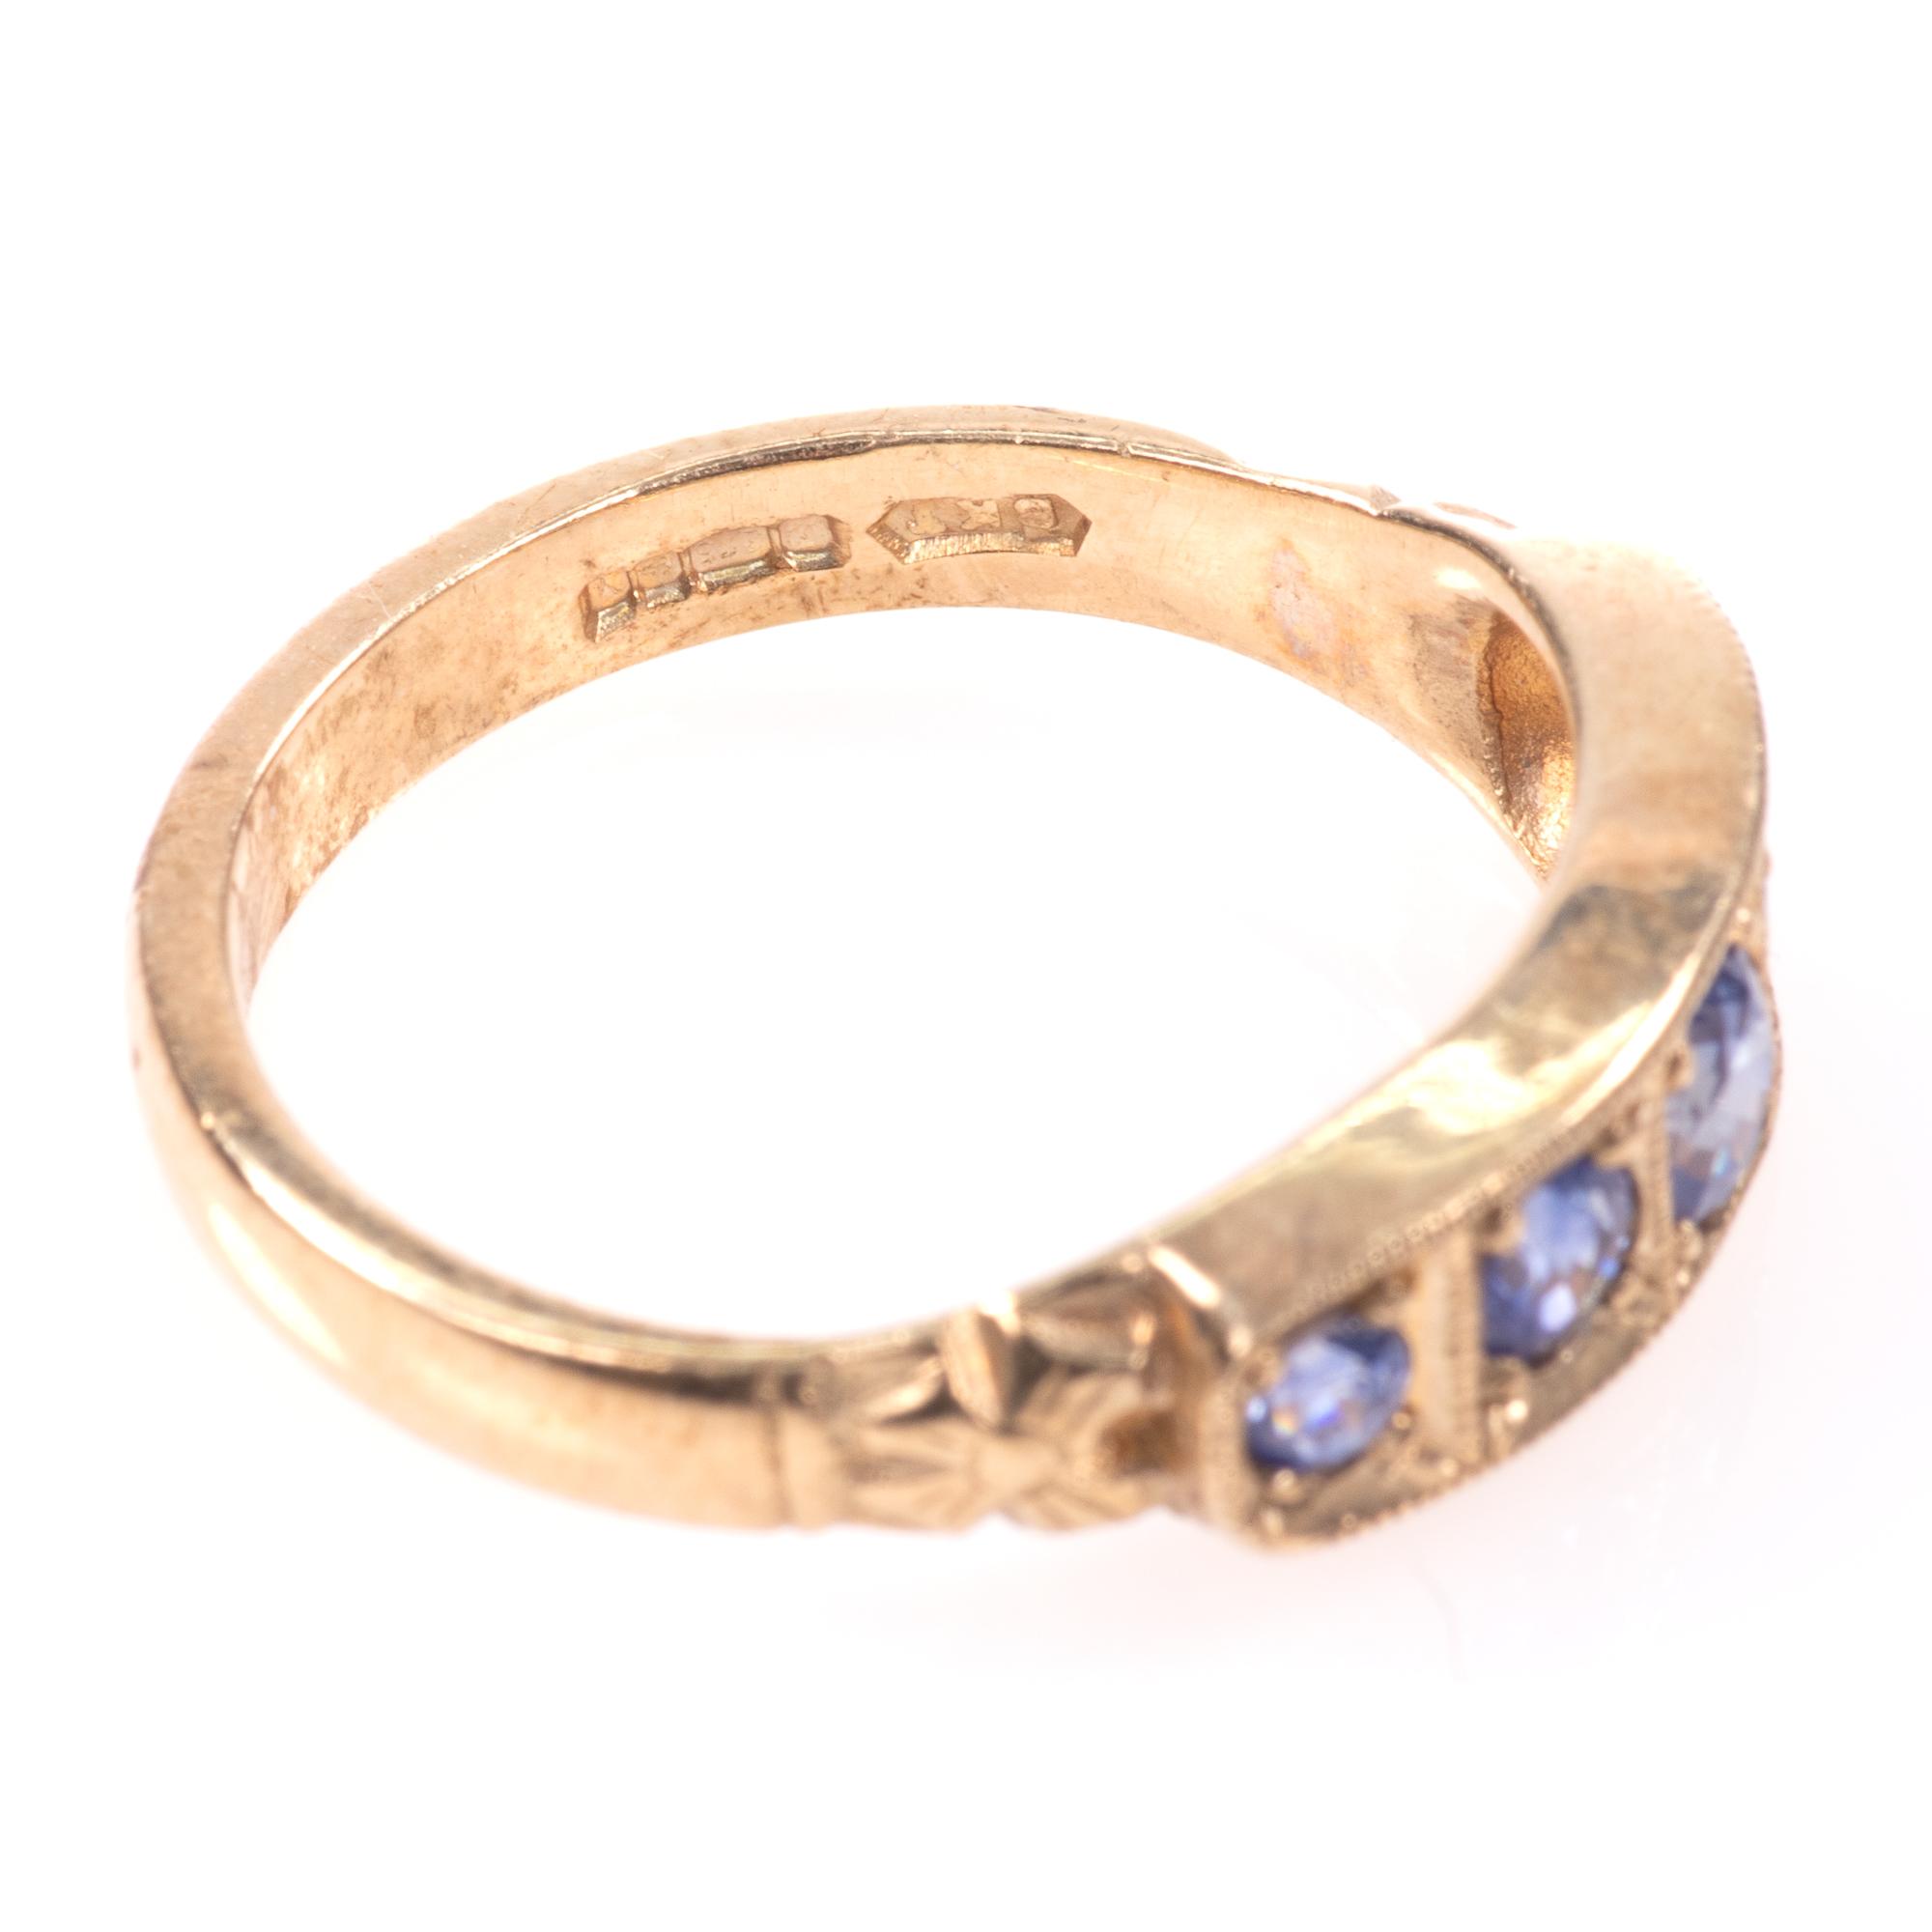 9ct Gold Aquamarine Ring - Image 7 of 8